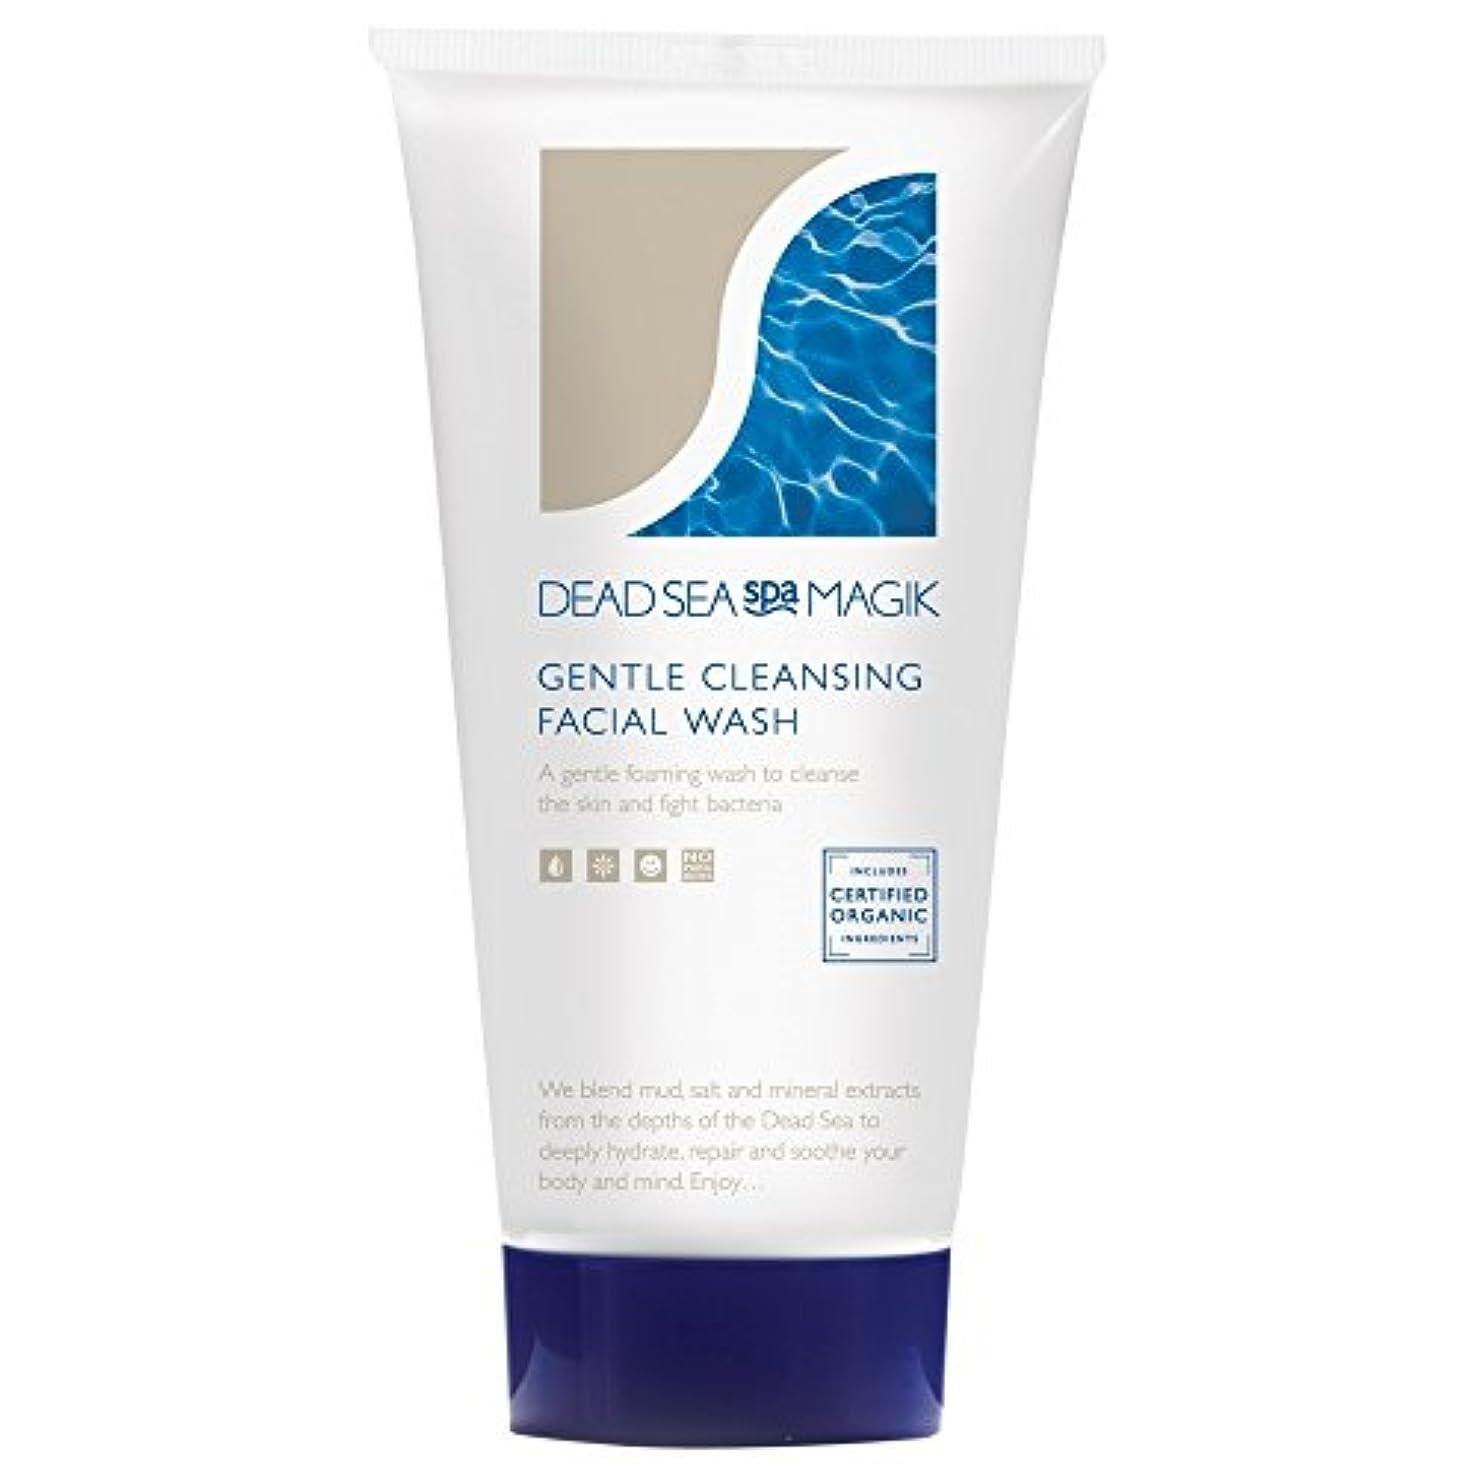 オーチャードシミュレートする文房具死海のスパマジック洗顔料、150ミリリットル (Dead Sea Spa Magik) (x2) - Dead Sea Spa Magik Facial Wash, 150ml (Pack of 2) [並行輸入品]